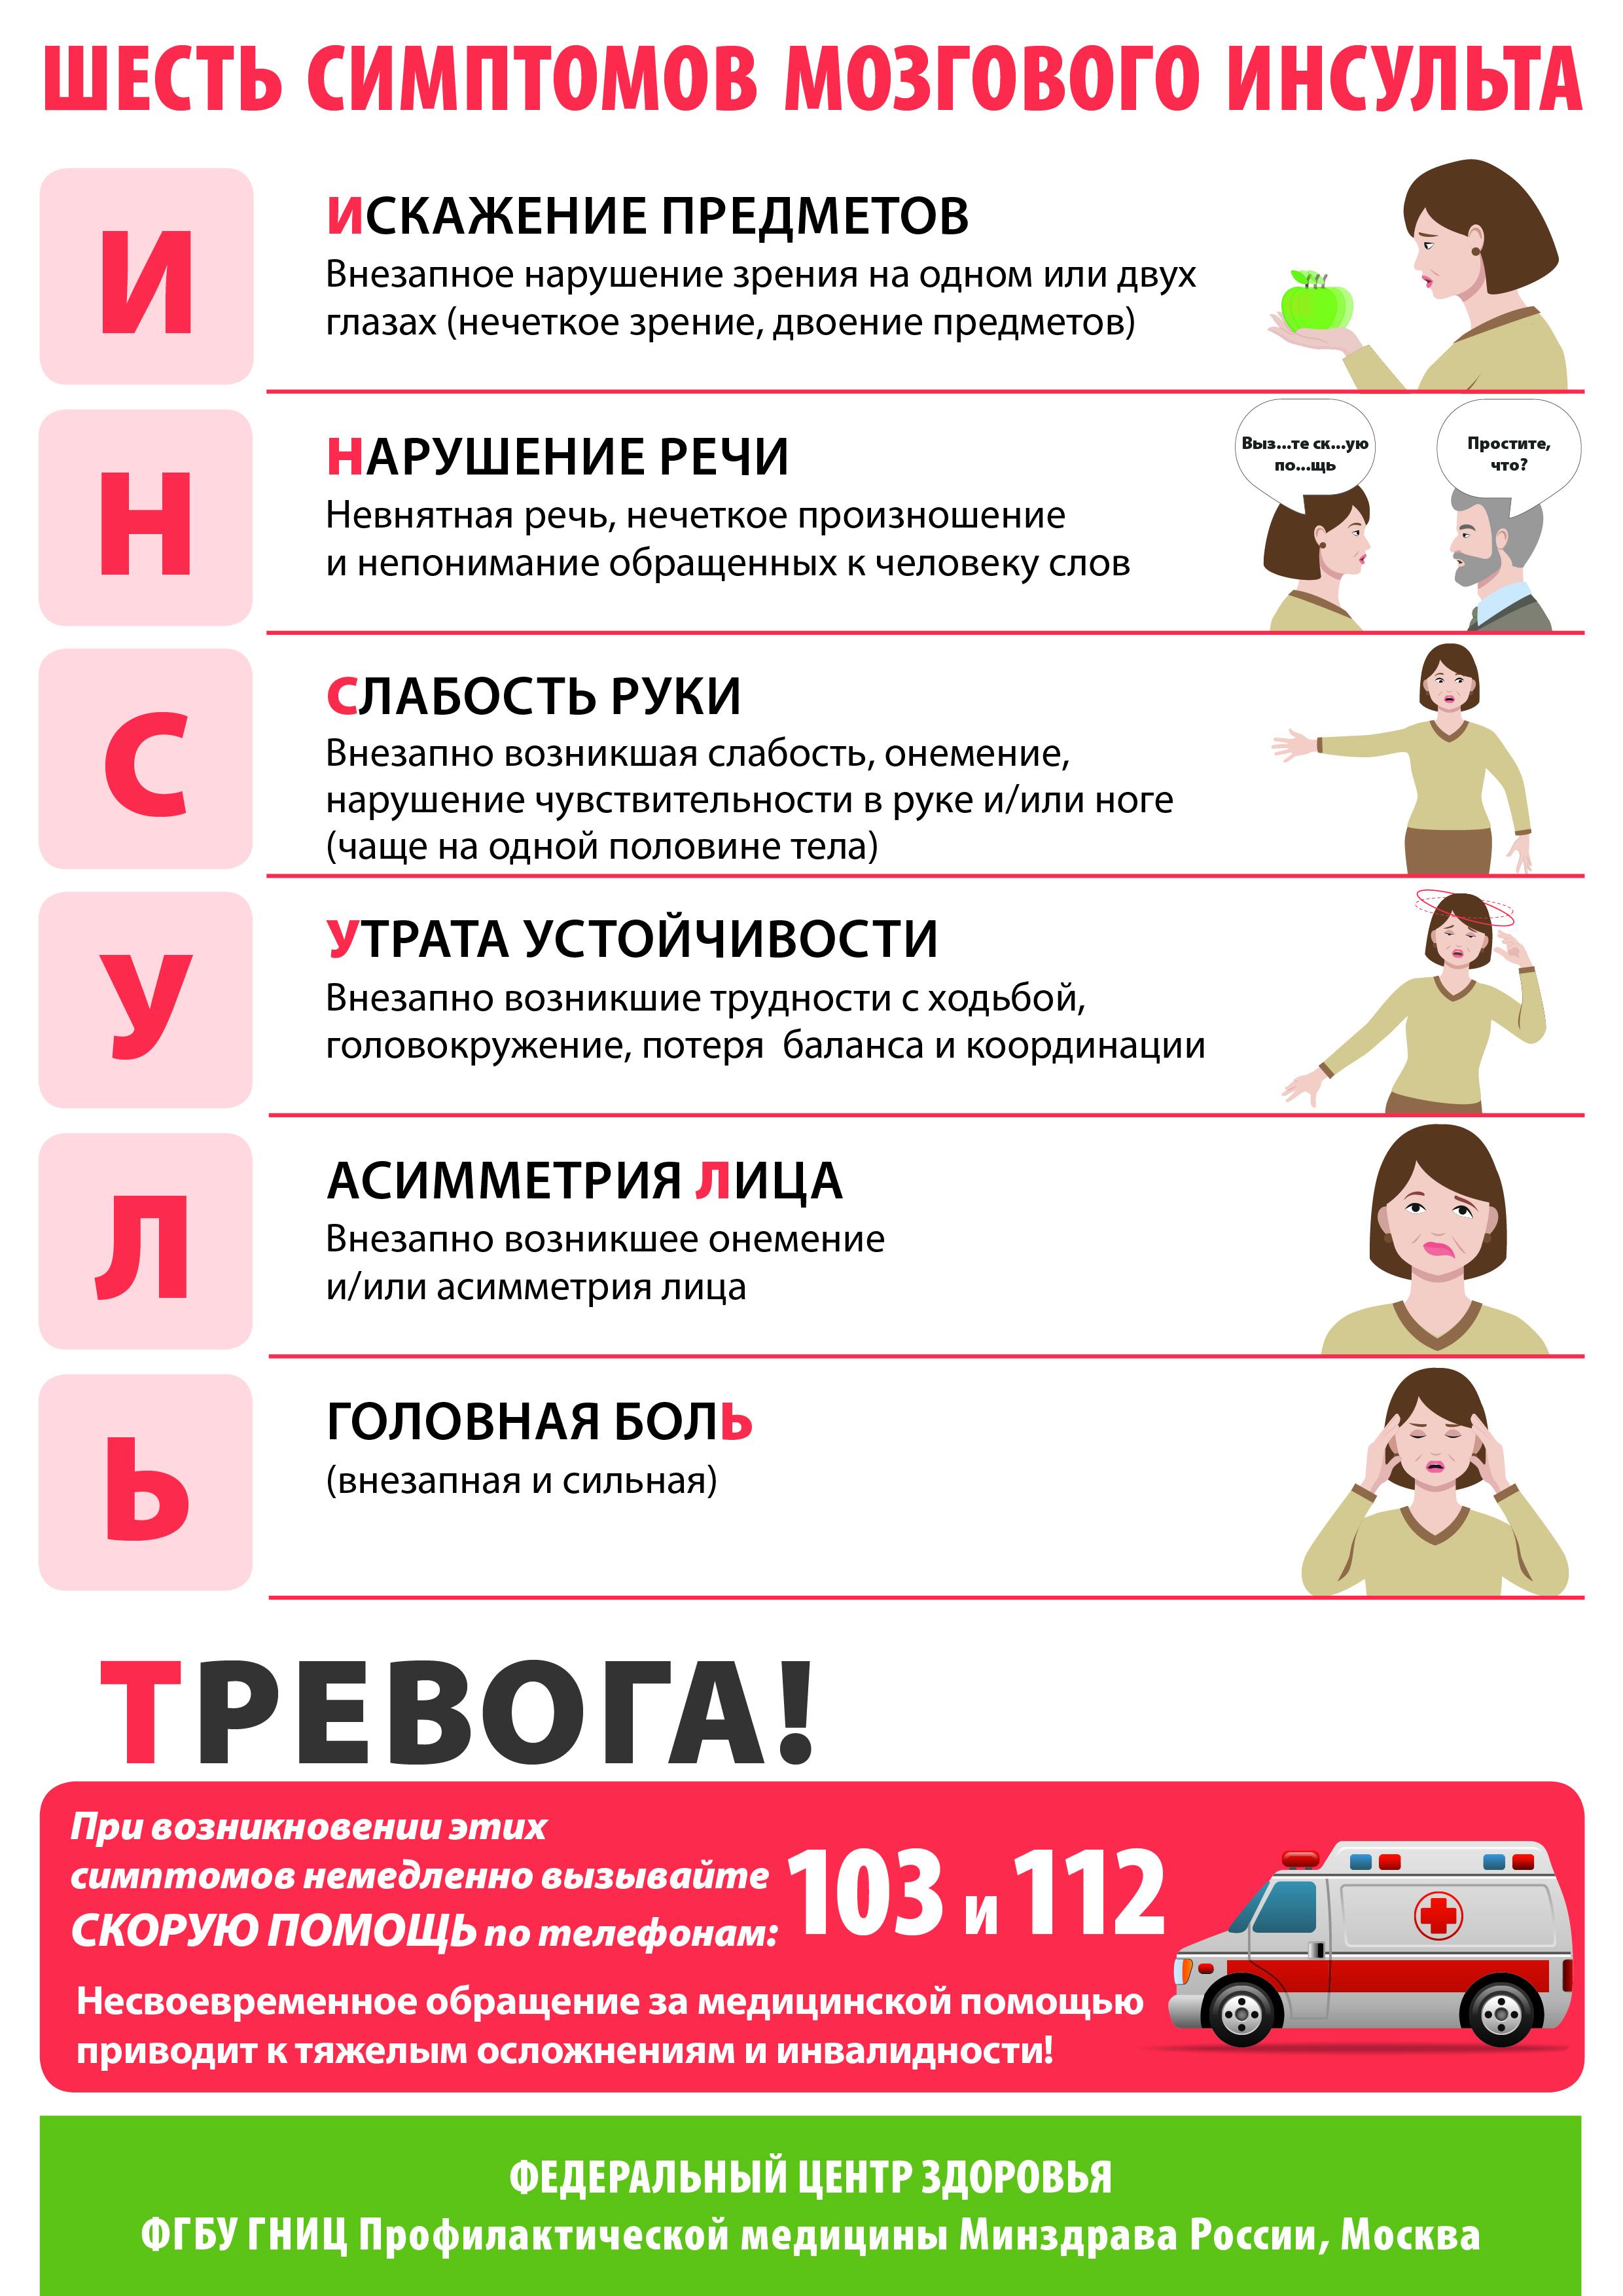 шесть симптомов инсульта